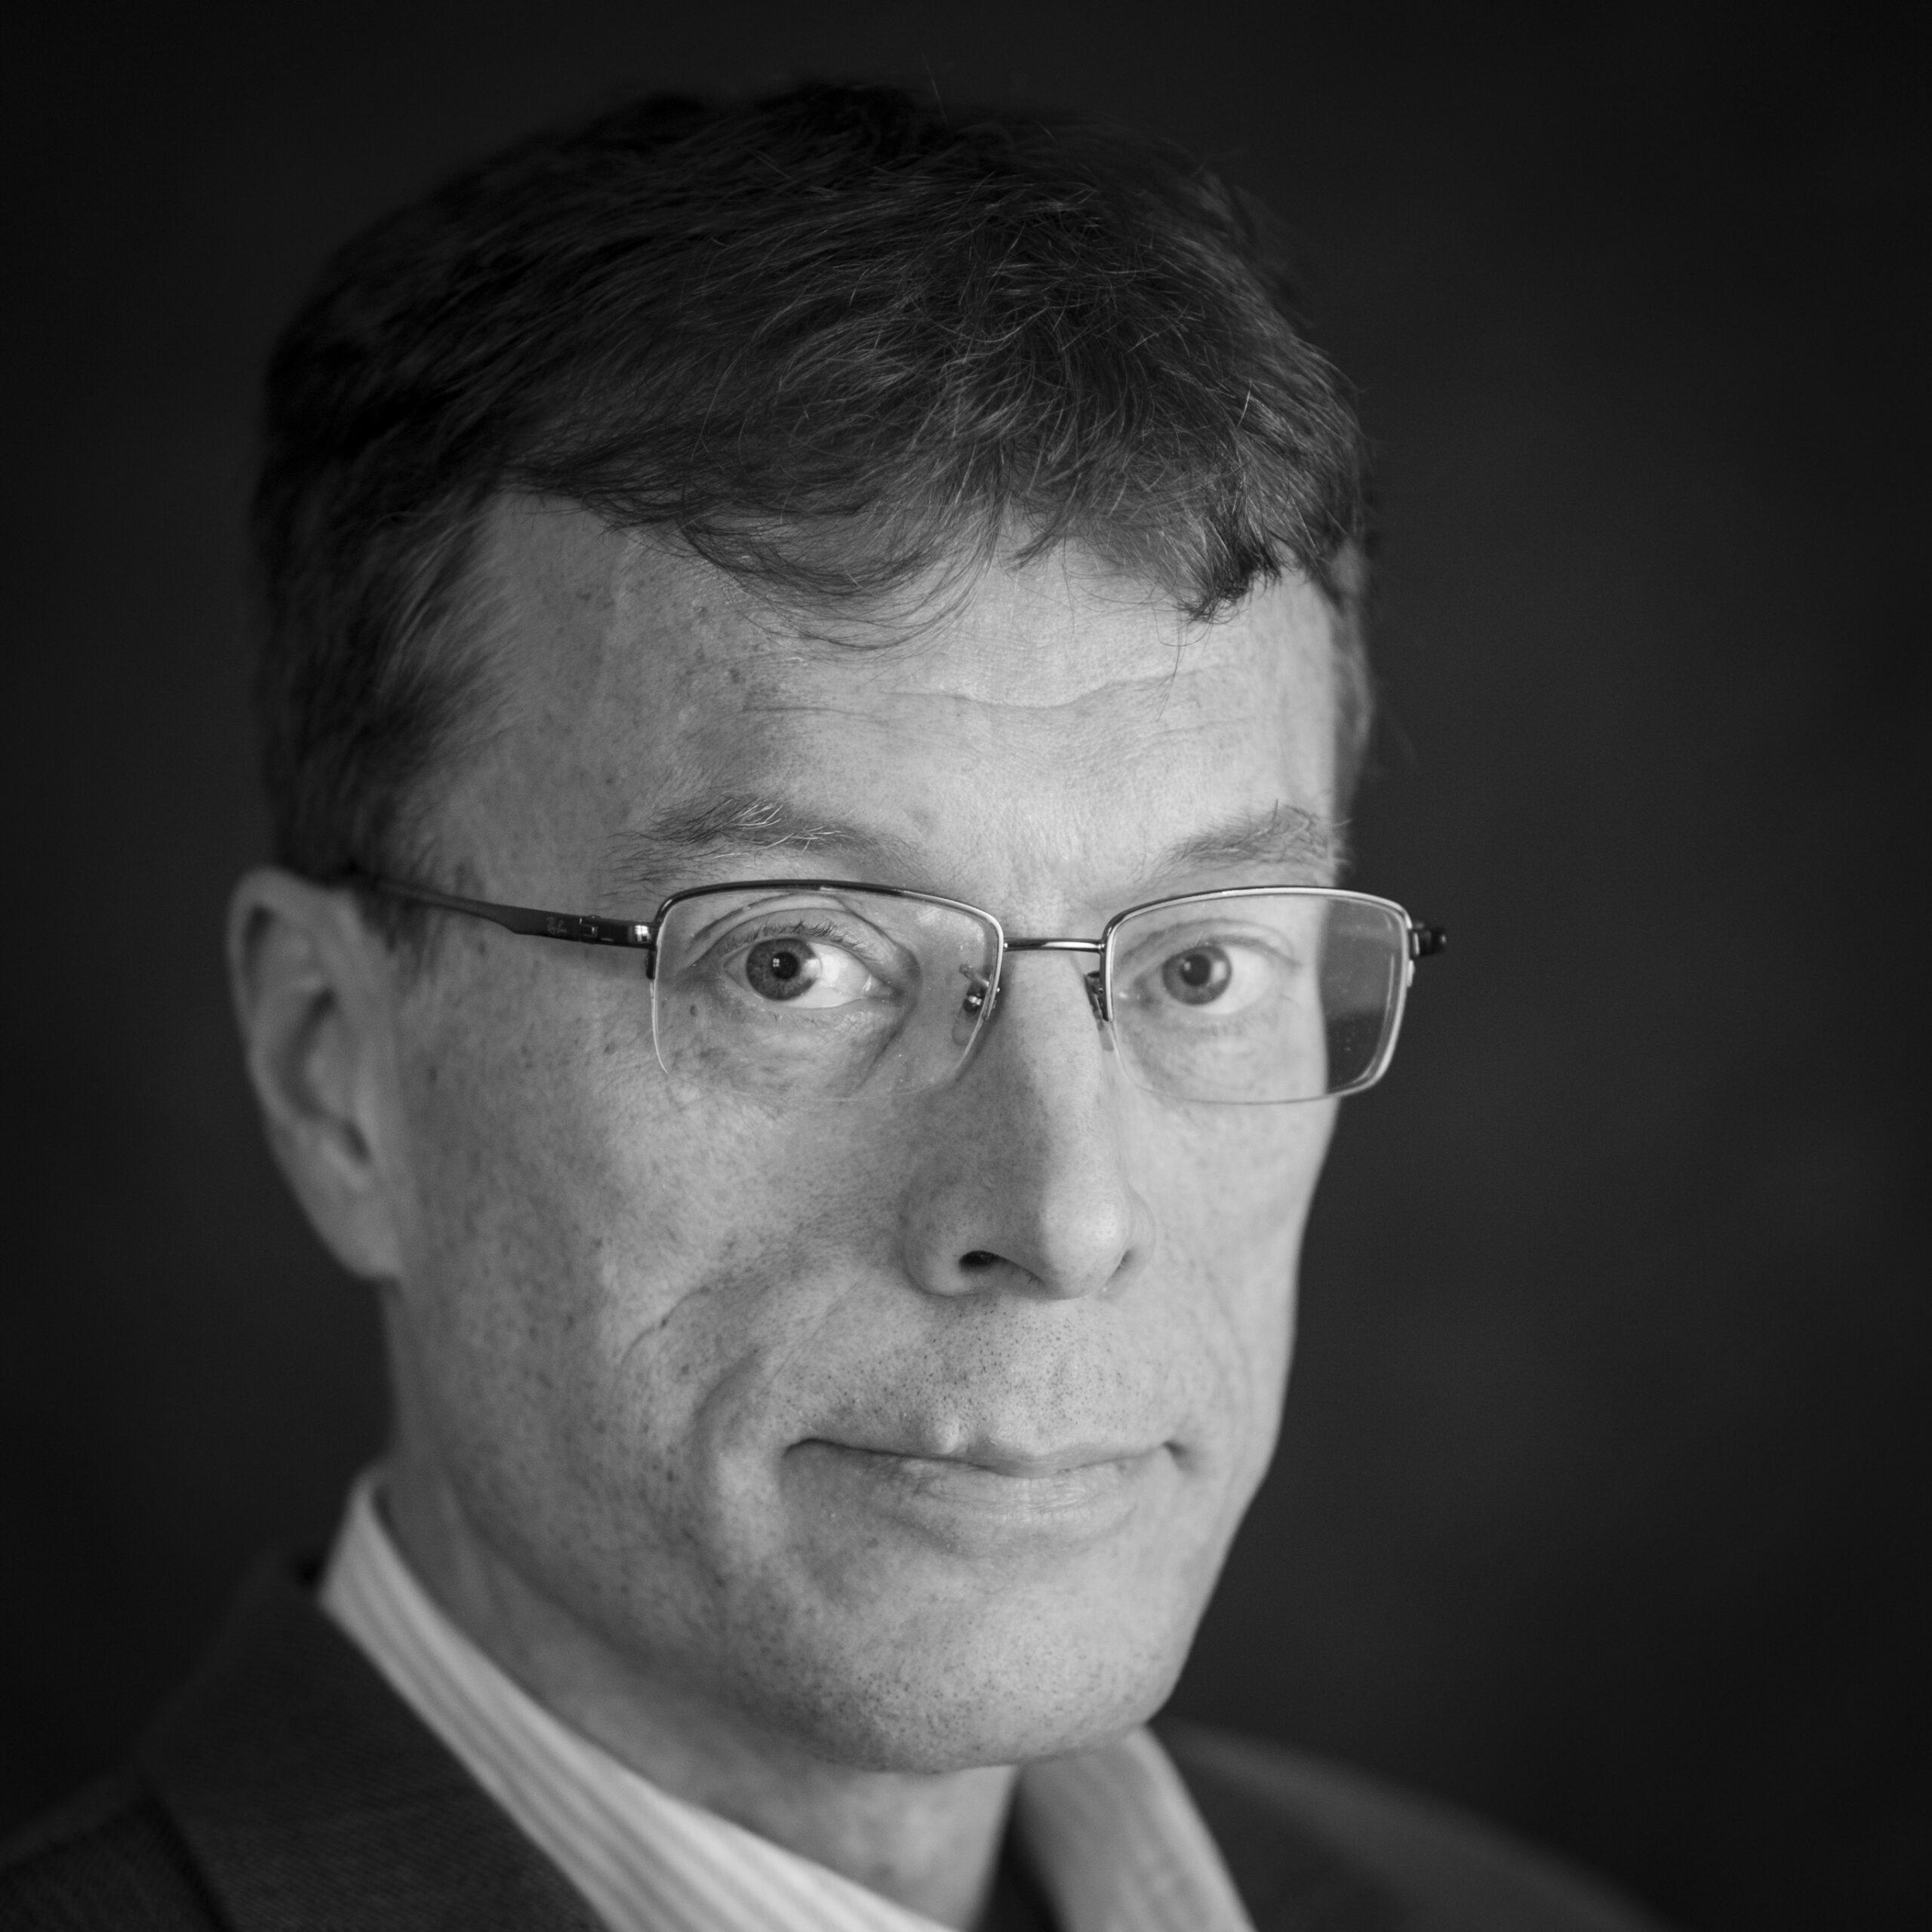 Pekka Anttila työskenteli vuonna 1987 Seuran kesätoimittajana ja haastatteli Nielsenin pian Viking Sally -laivalla tapahtuneen veriteon jälkeen.